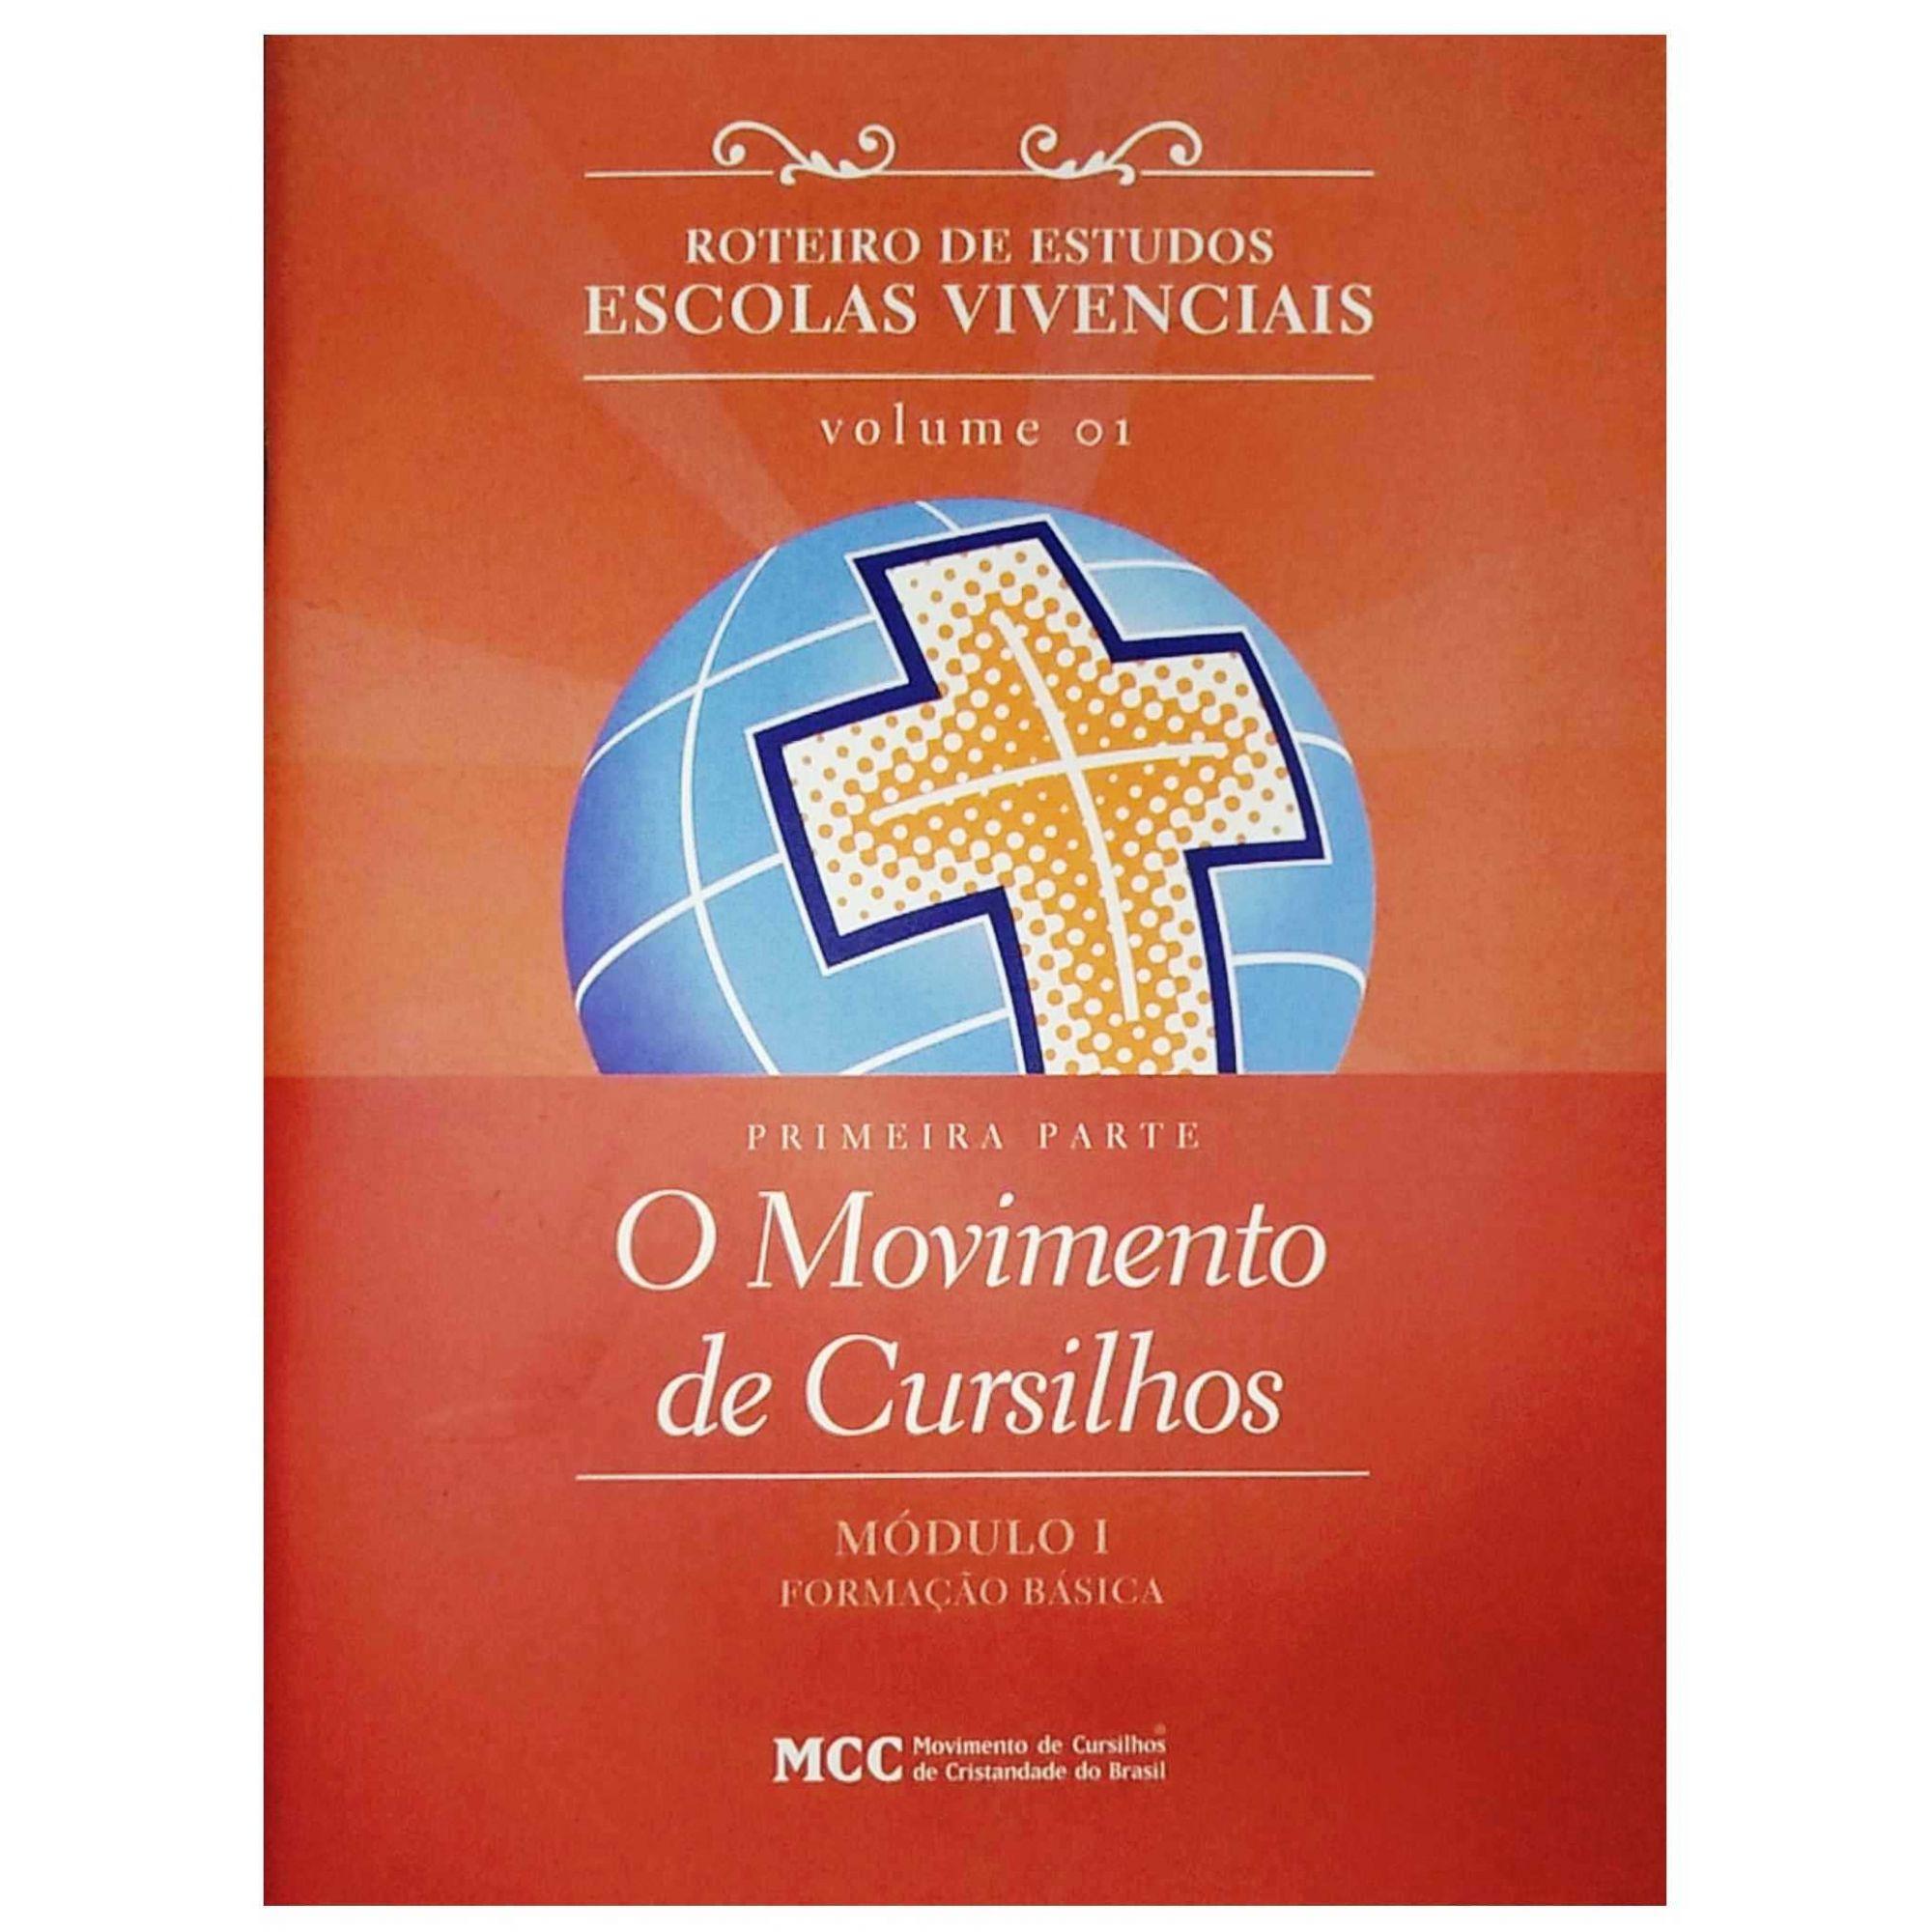 Roteiro de Estudos - Vol. 1 Módulo I - O Movimento de Cursilhos - 1° PARTE  - Cursilho